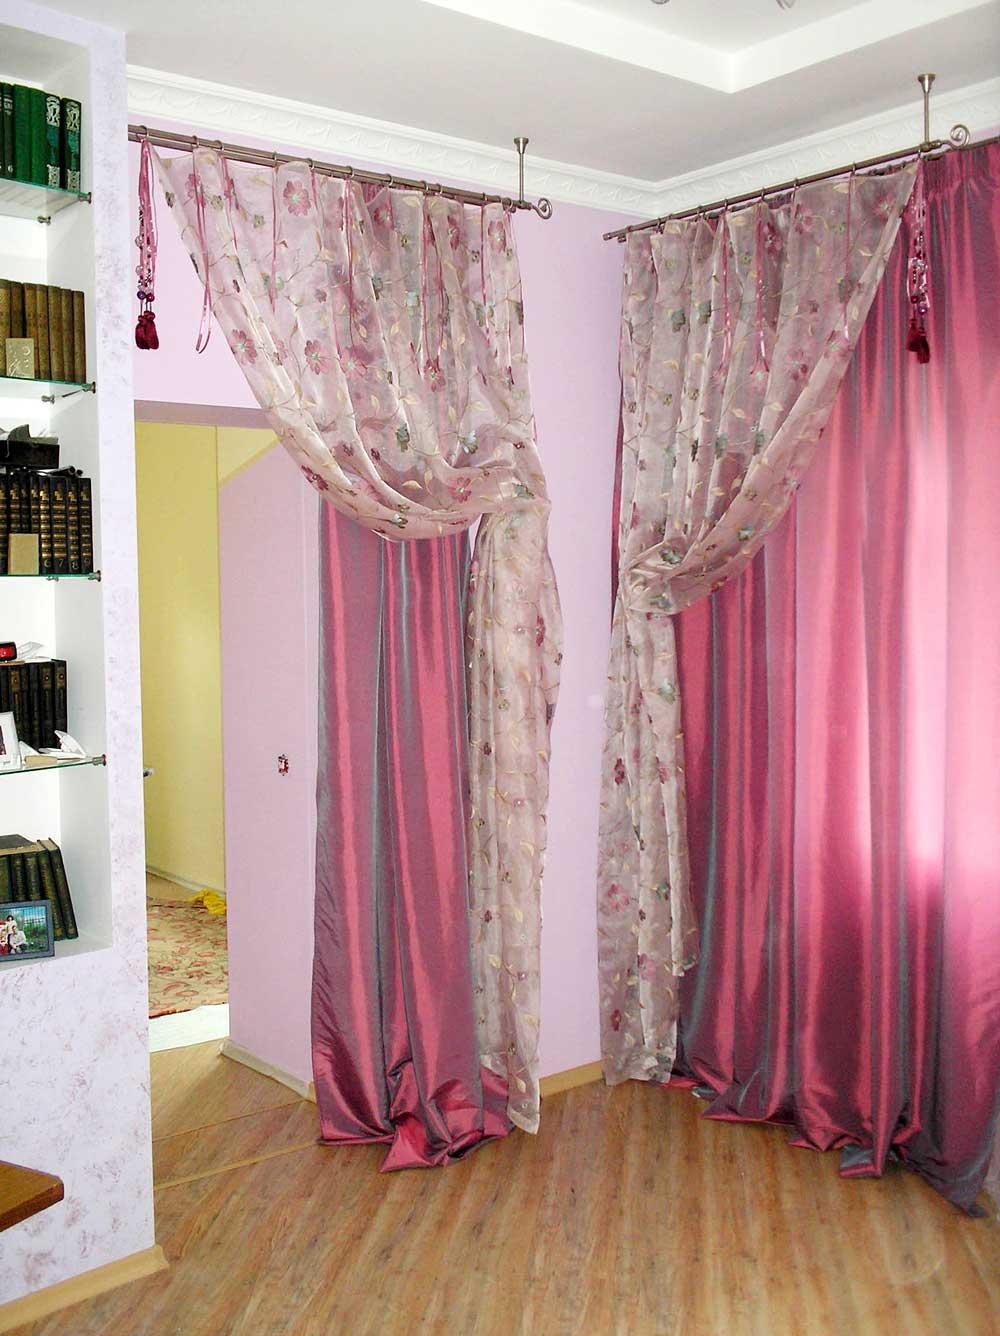 Ягодные цвета в дизайне штор: малиновая тафта и принтованая органза в декоре окна